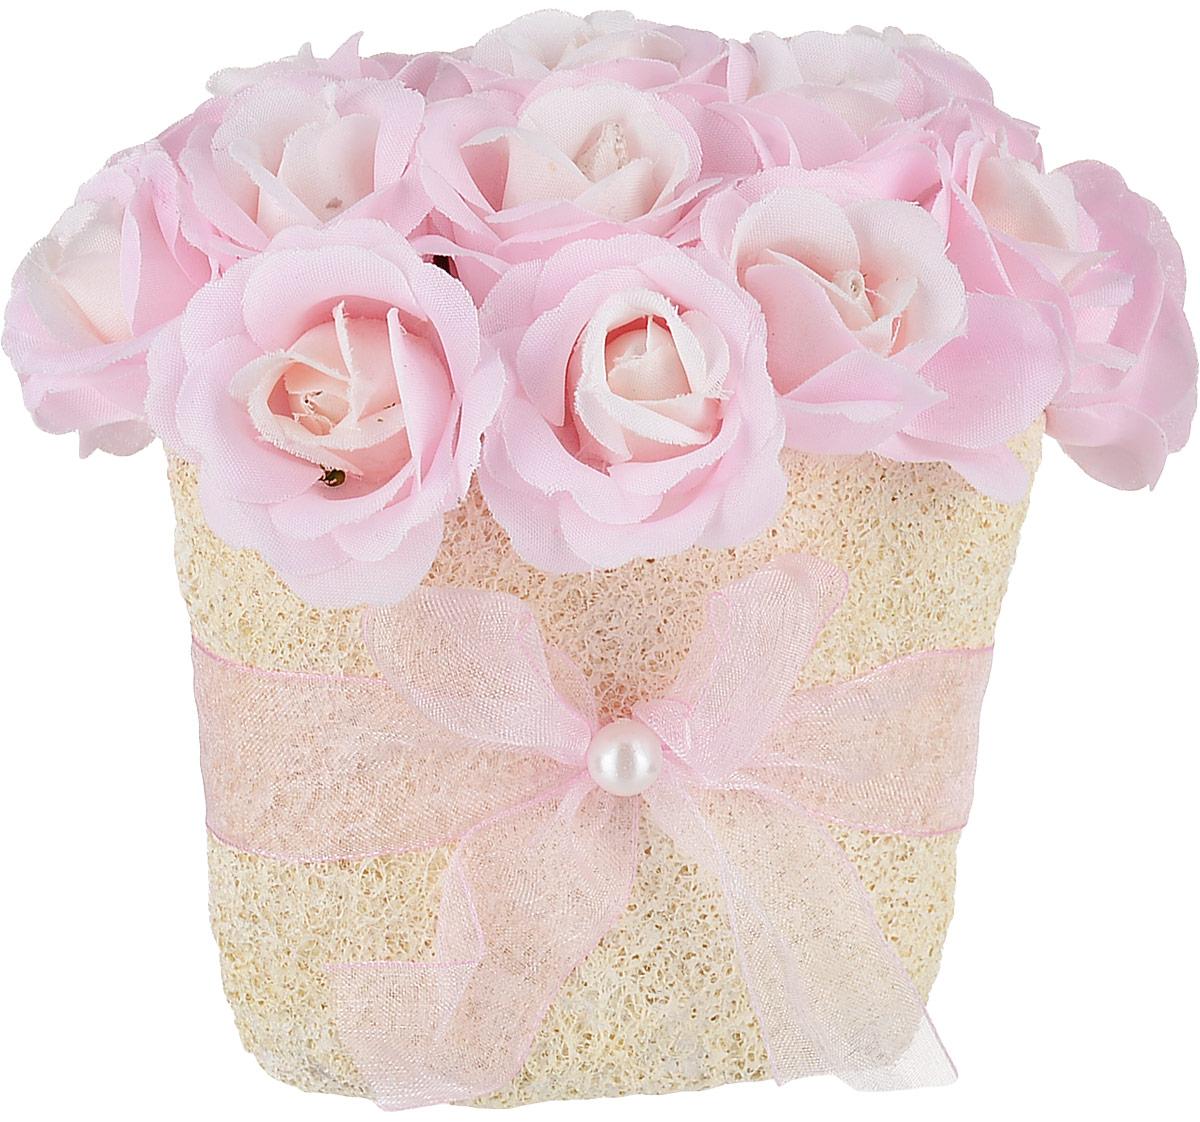 Композиция цветочная, 13 x 10 x 11 см, цвет: светло-розовый79061Цветочная композиция NoName - это прекрасная возможность украсить, оживить любой интерьер.